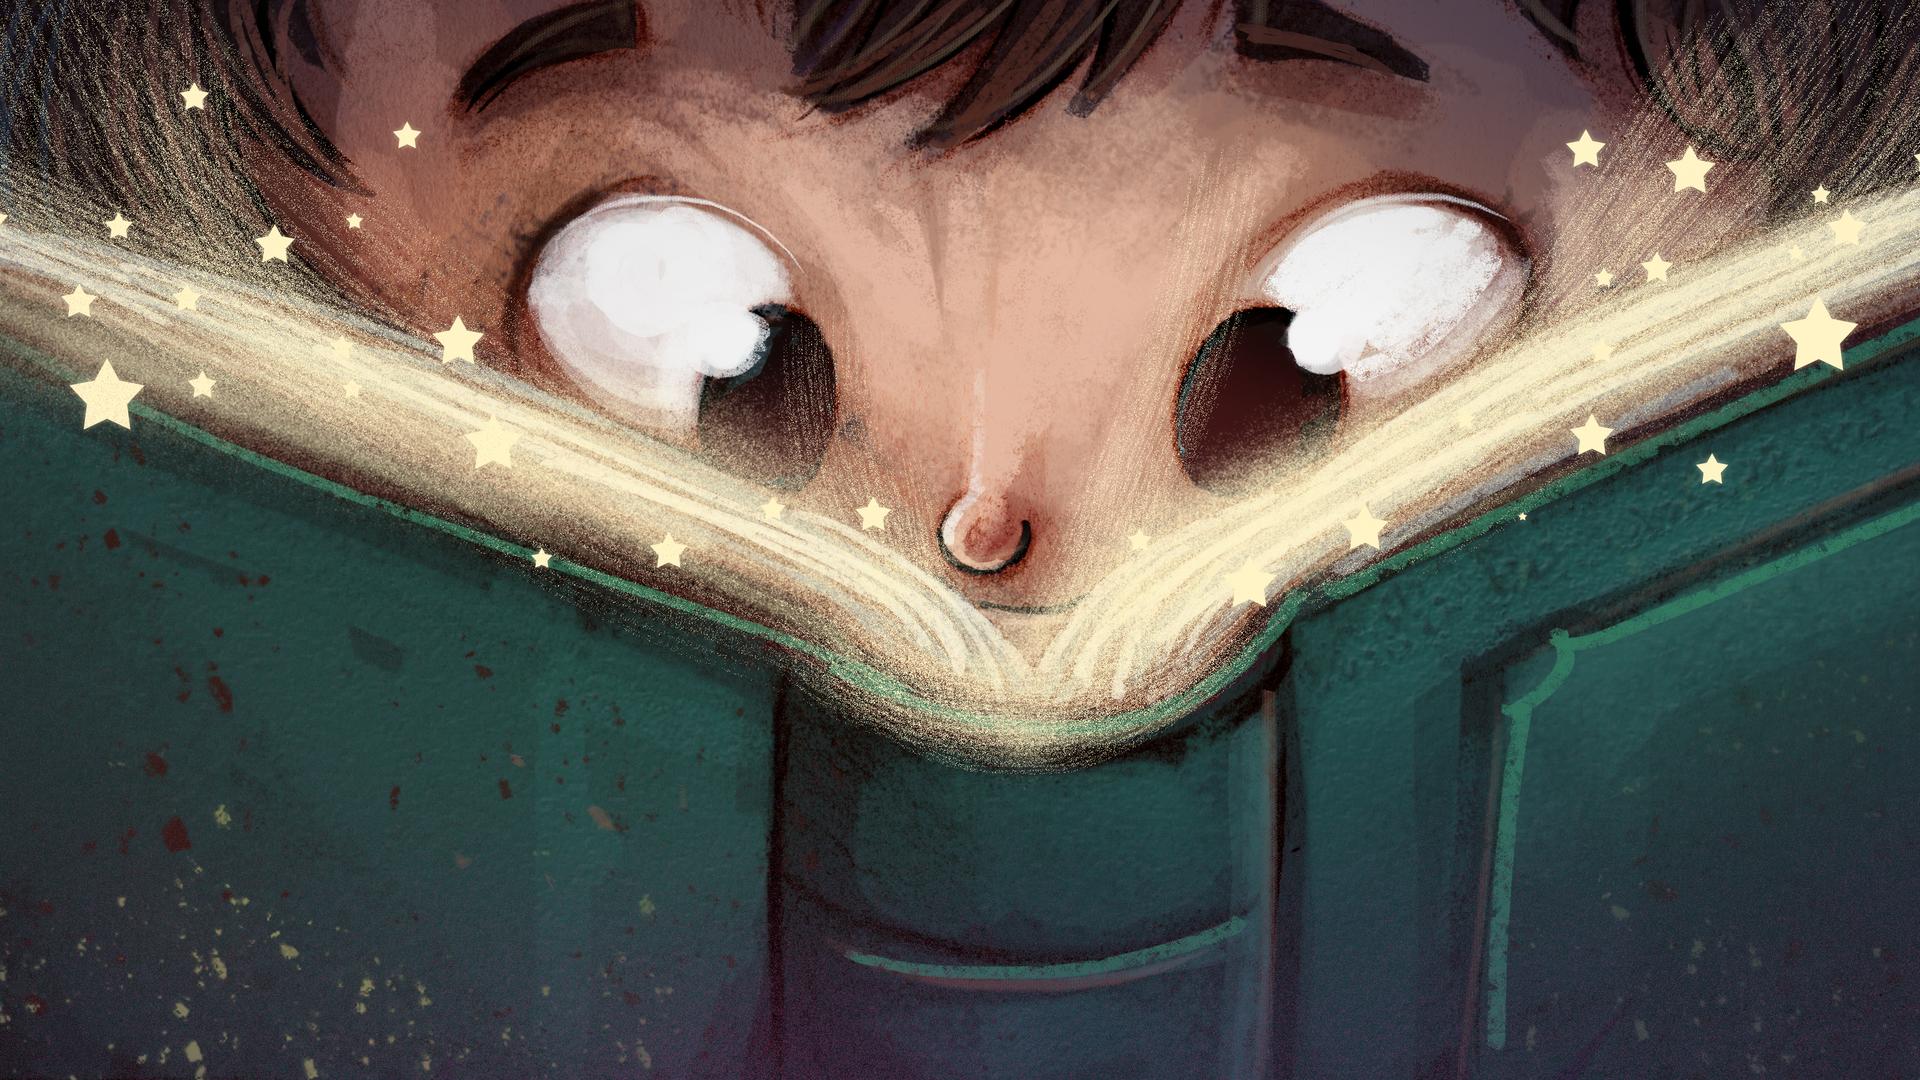 Os Melhores Livros Infantojuvenis: 14 obras para crianças e jovens lerem em 2020